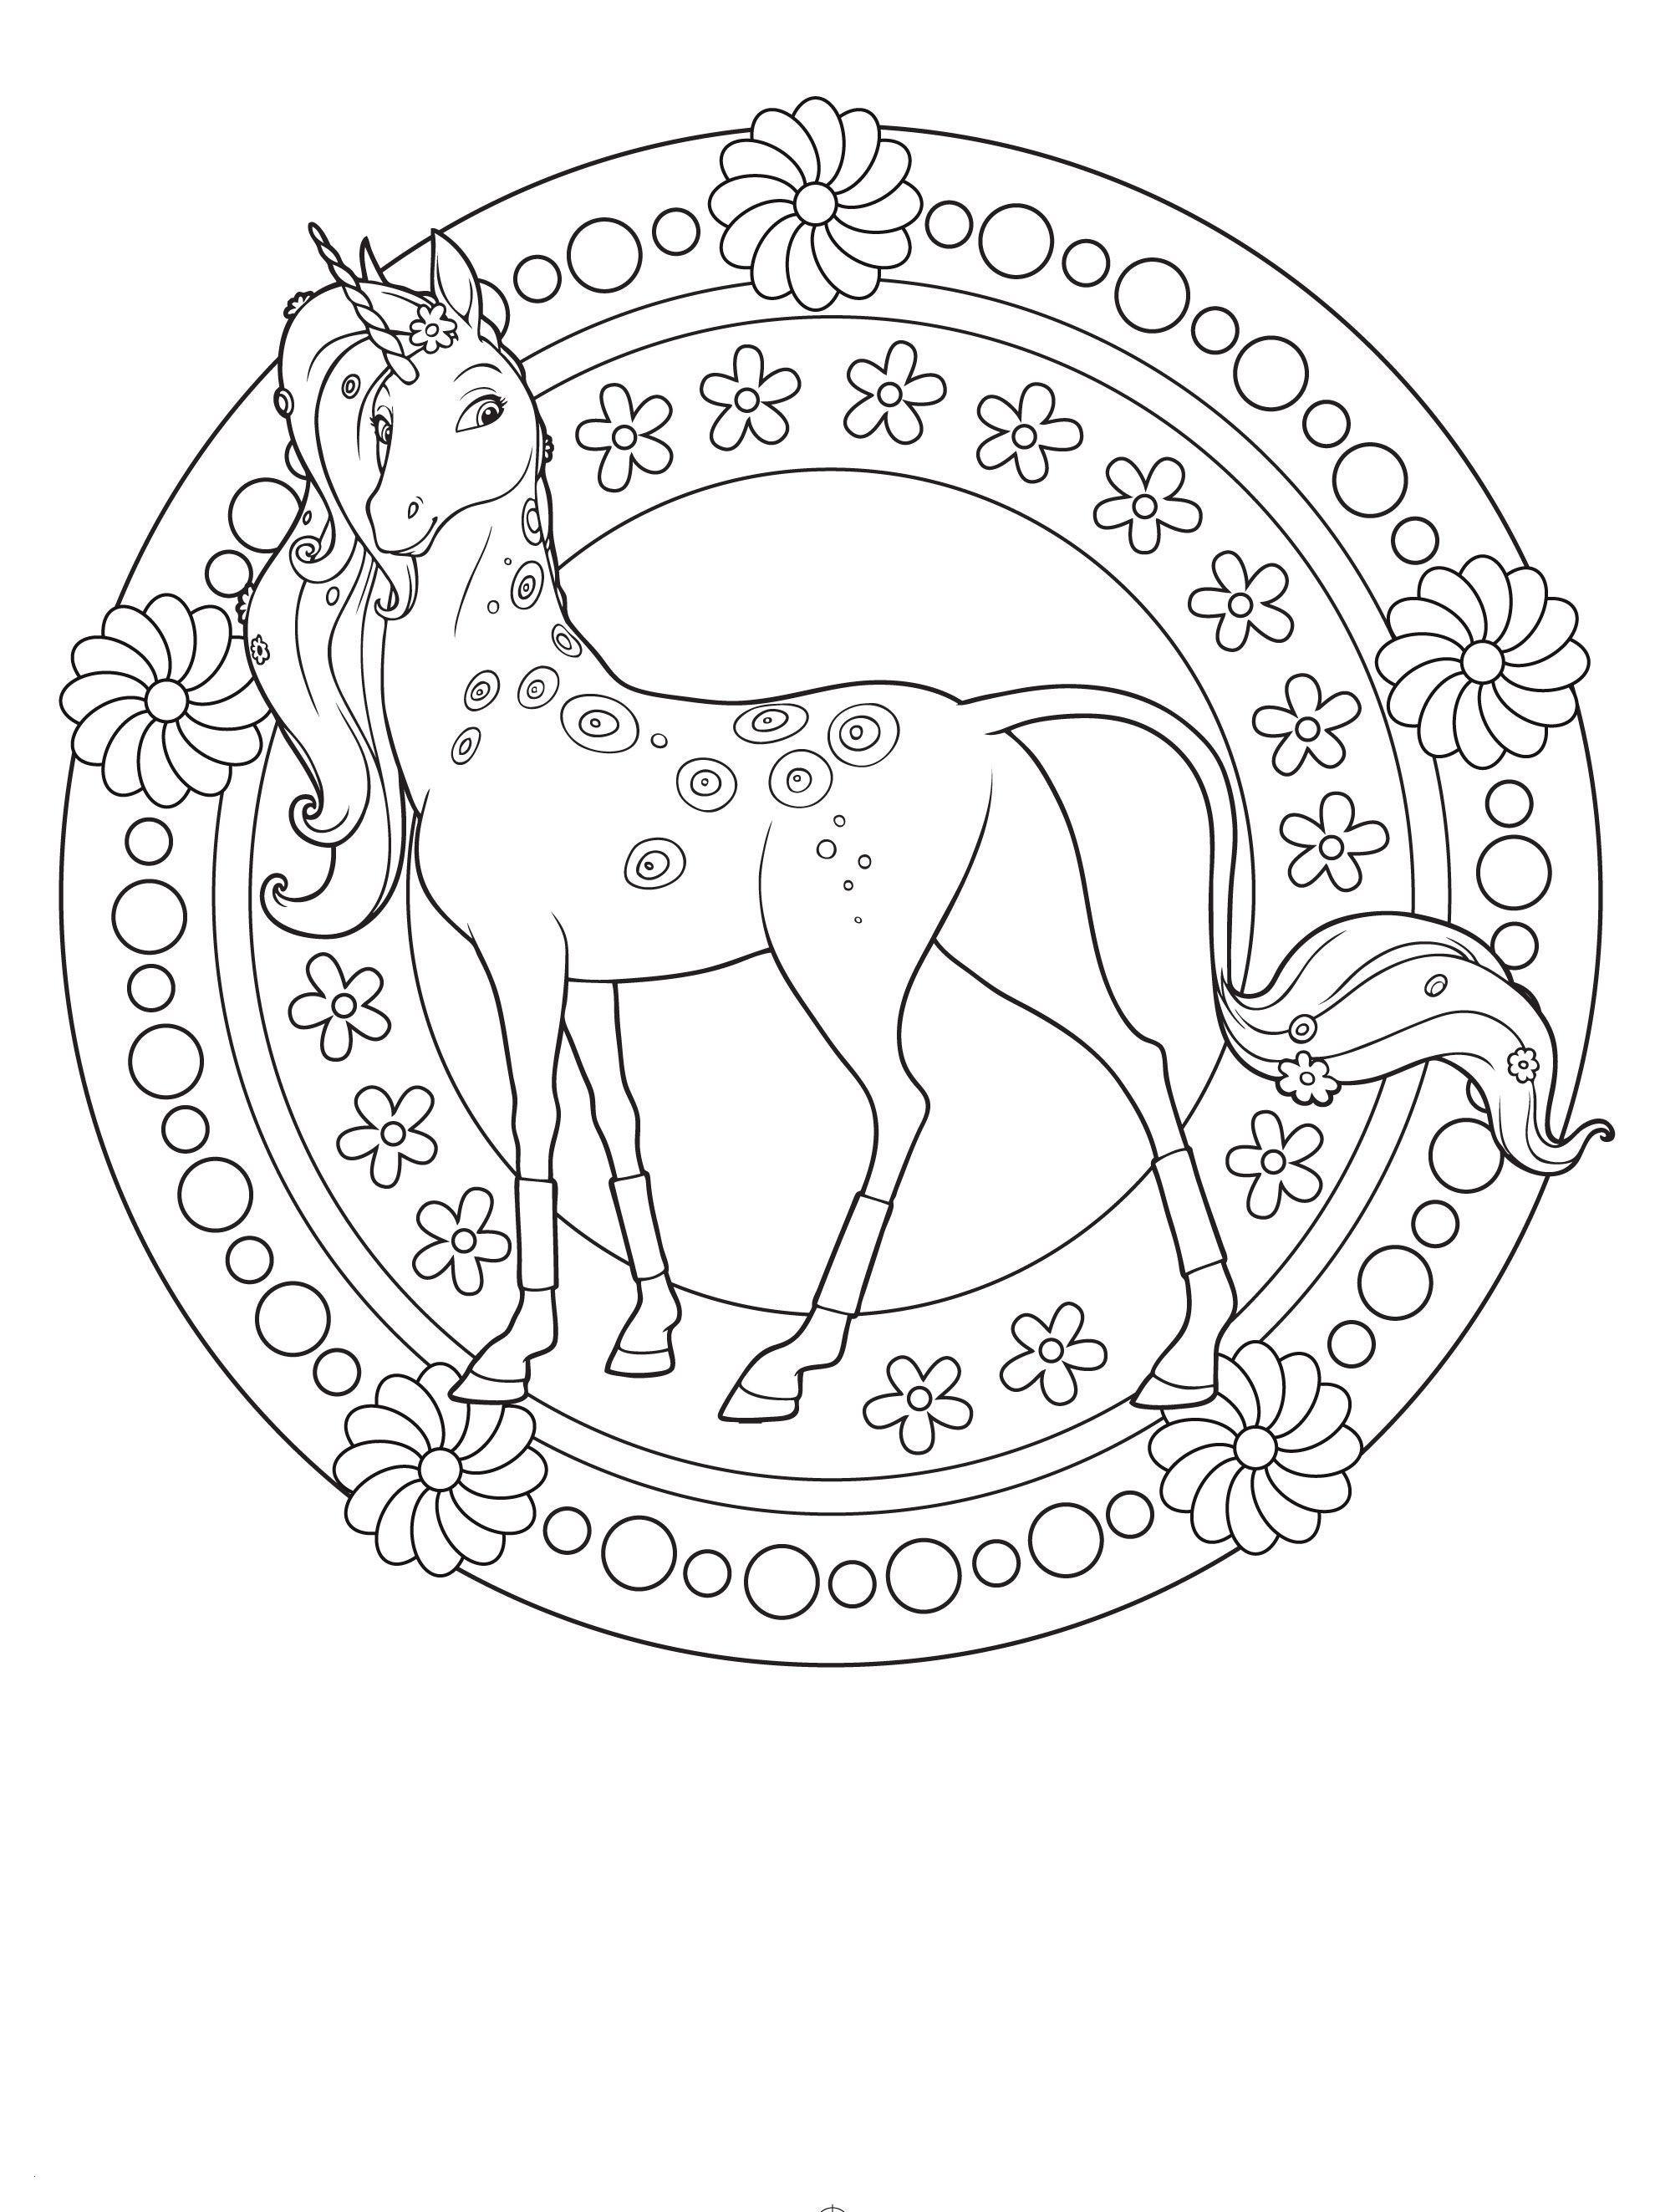 Ausmalbilder Bibi Blocksberg Frisch Ausmalbilder Bibi Und Tina Pferde Neu Malvorlagen Igel Elegant Igel Bilder